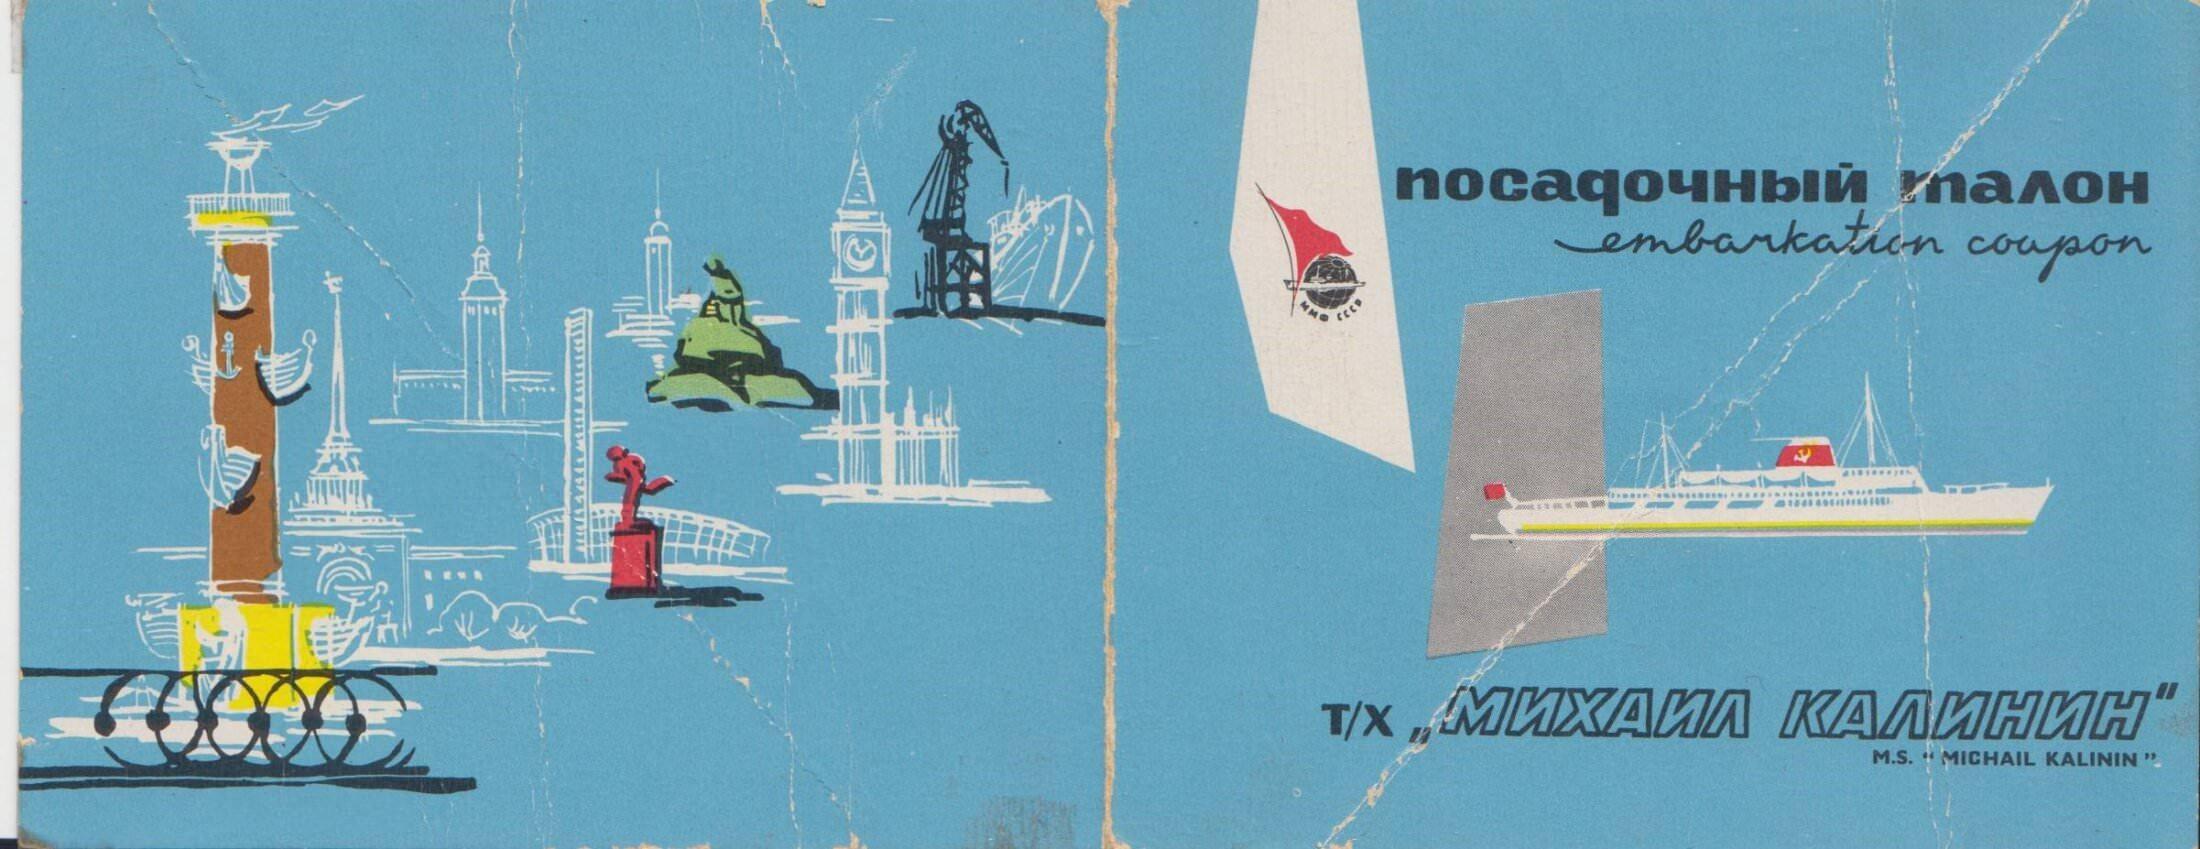 1967 год, октябрь. Посадочный талон на «Михаил Калинин»